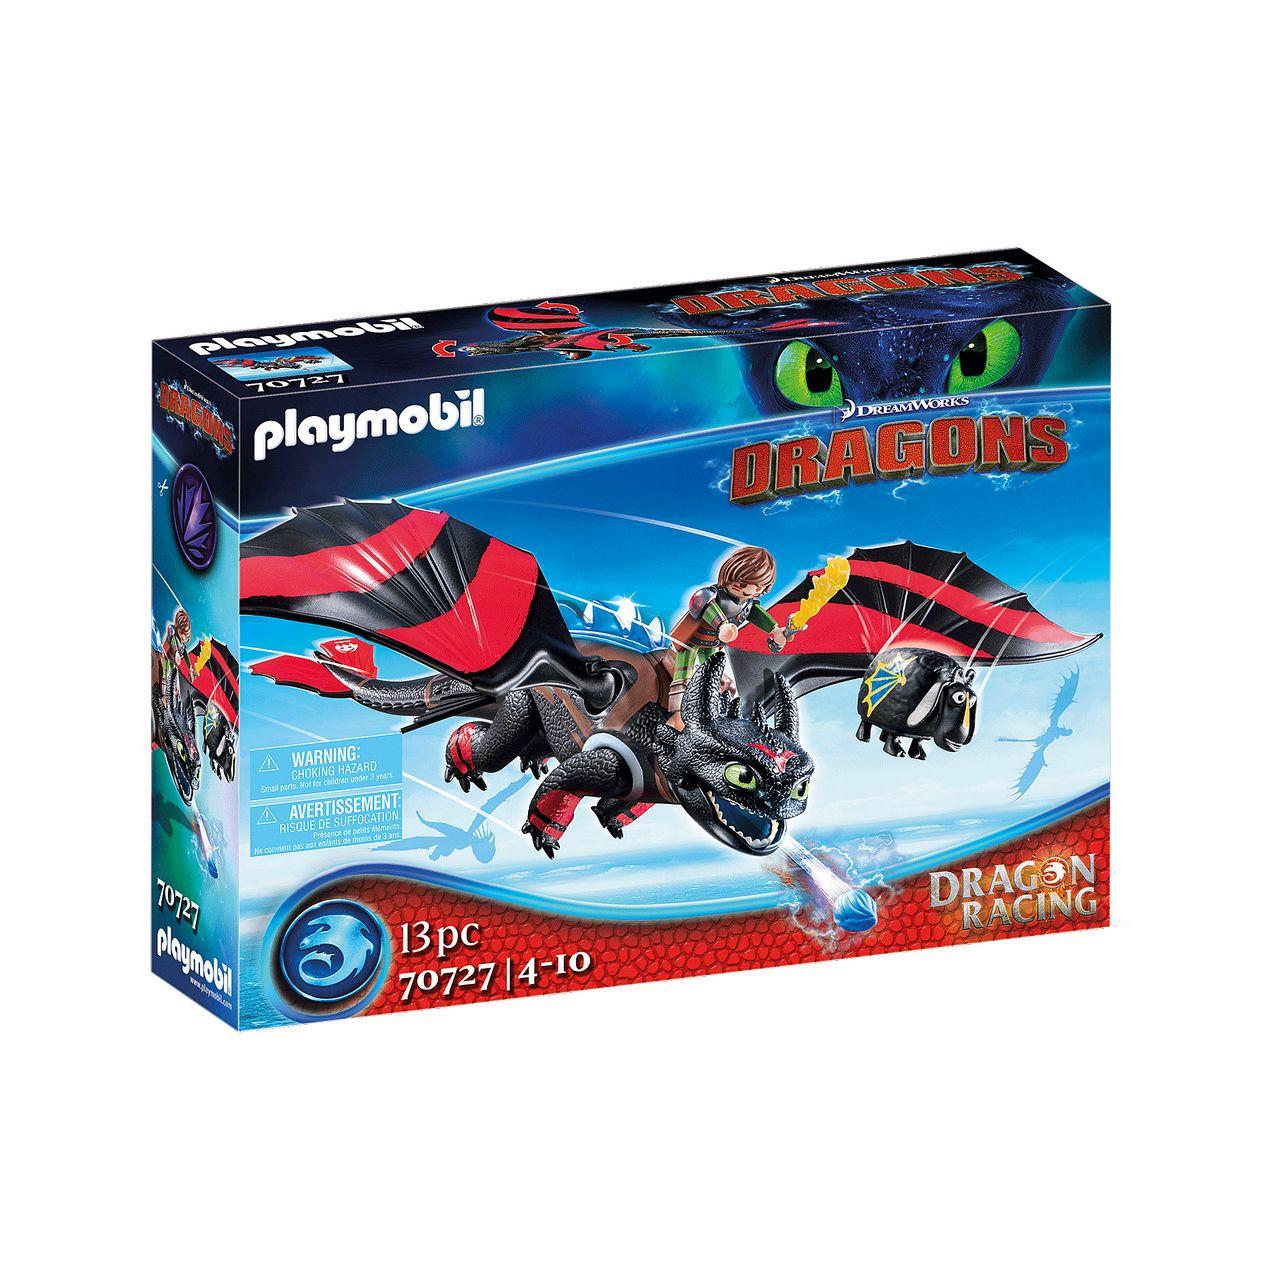 Playmobil 70727 Dragons Dragon Racing Hicks Und Ohnezahn Spielzeugwelten De